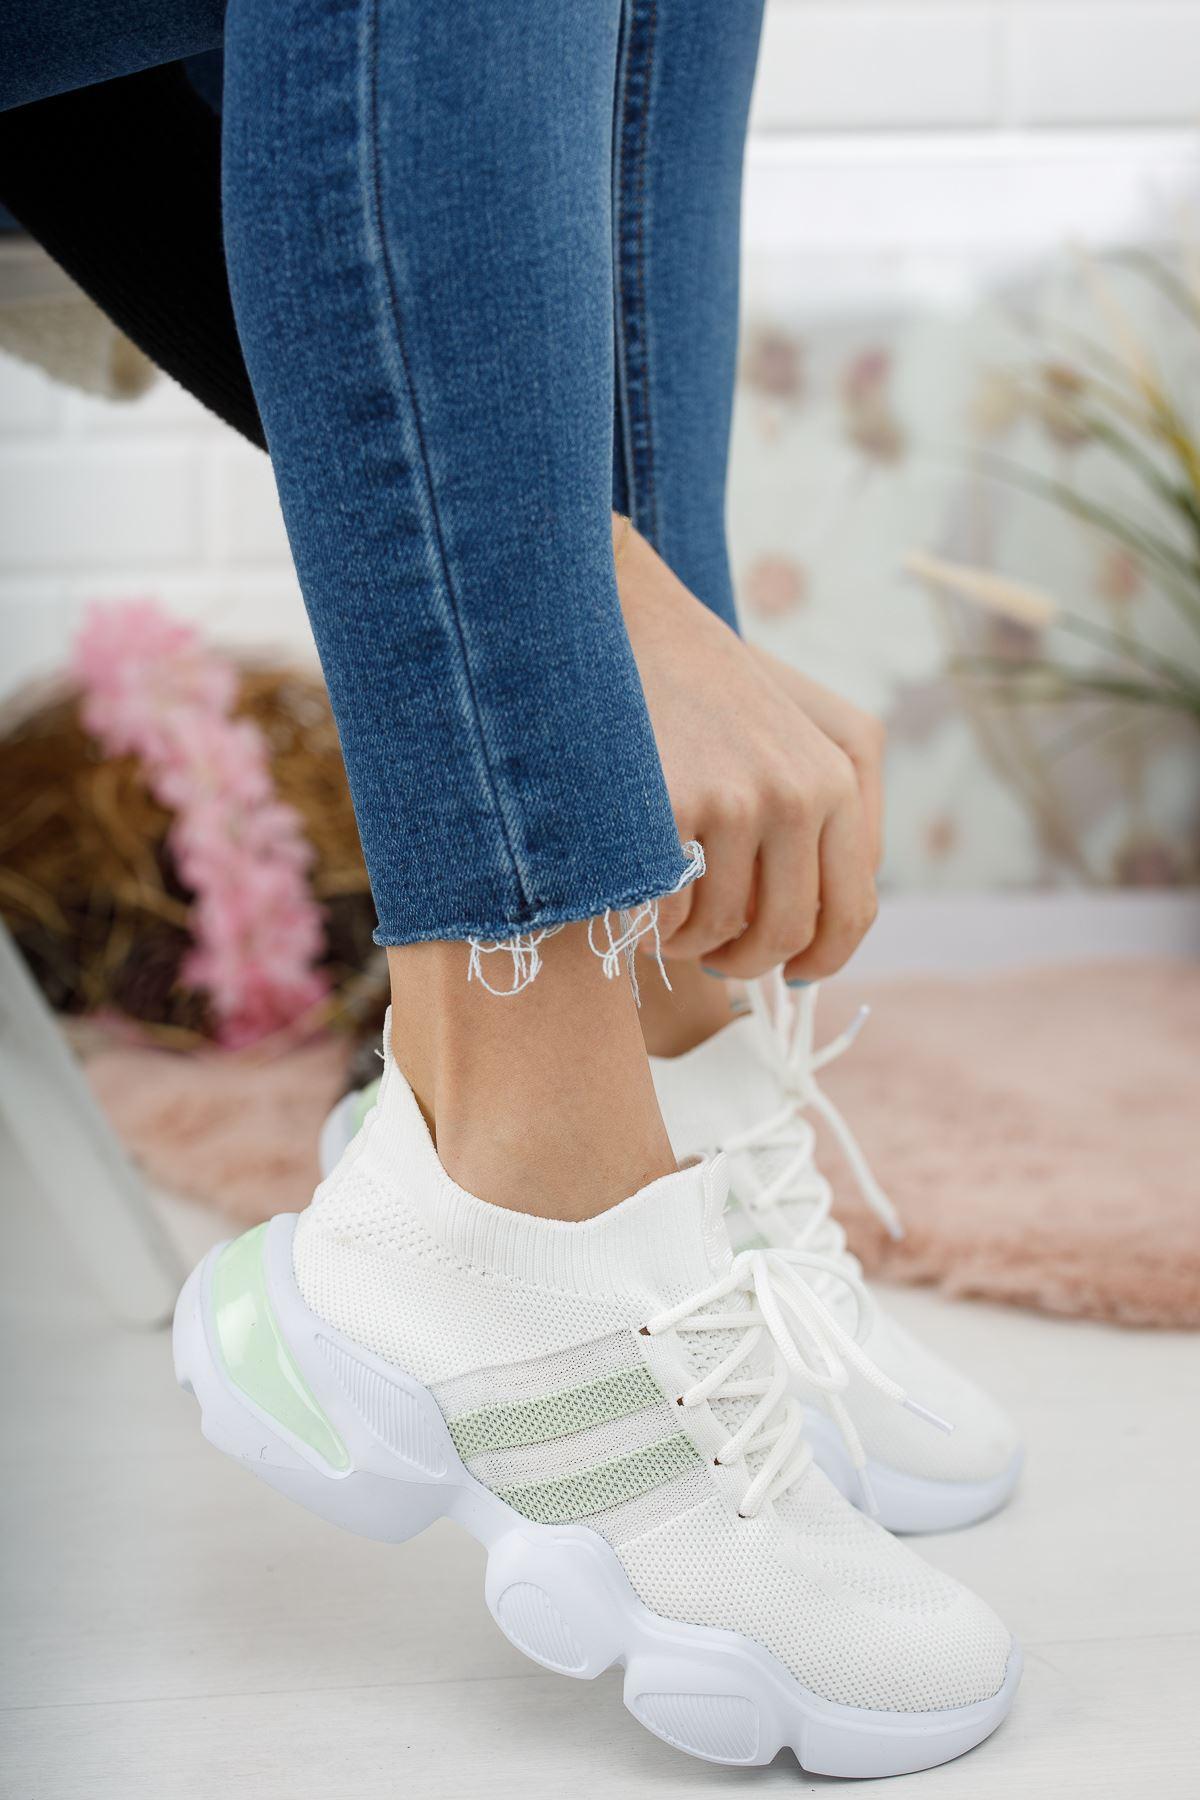 Bilekte Örgülü  Yeşil Şeritli Beyaz Spor Ayakkabı